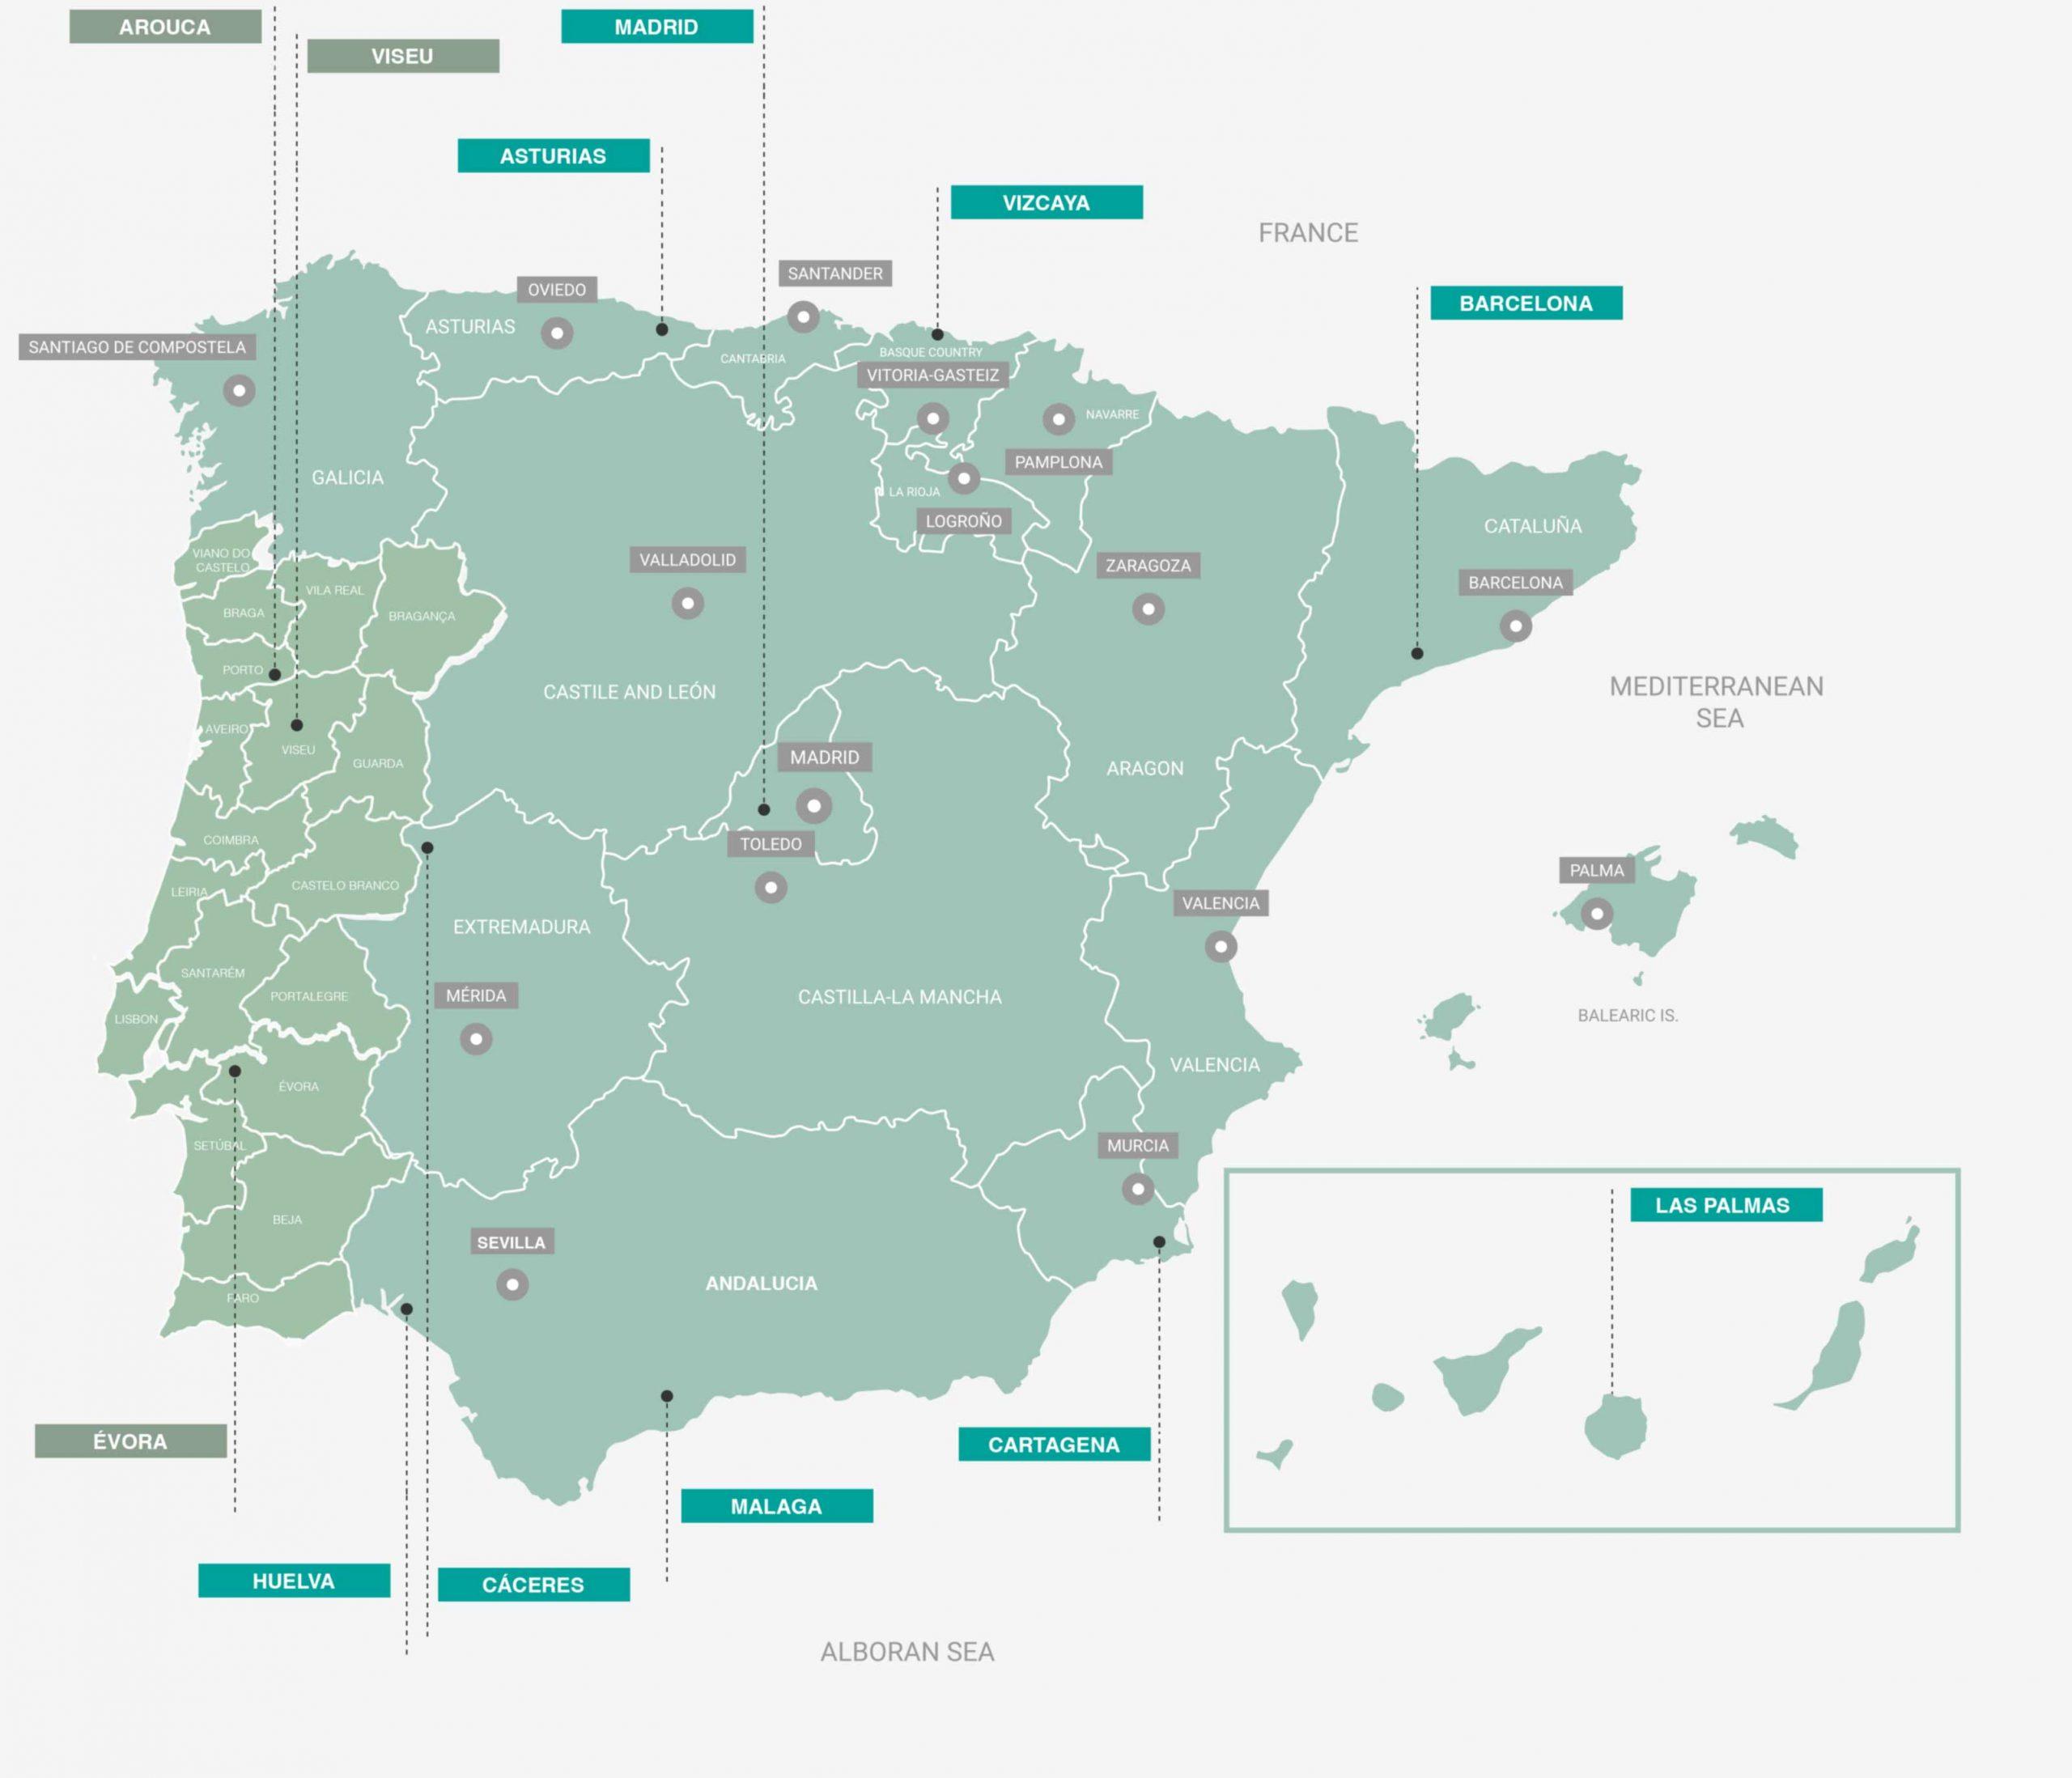 Plantaciones de Bosquia en España y Portugal